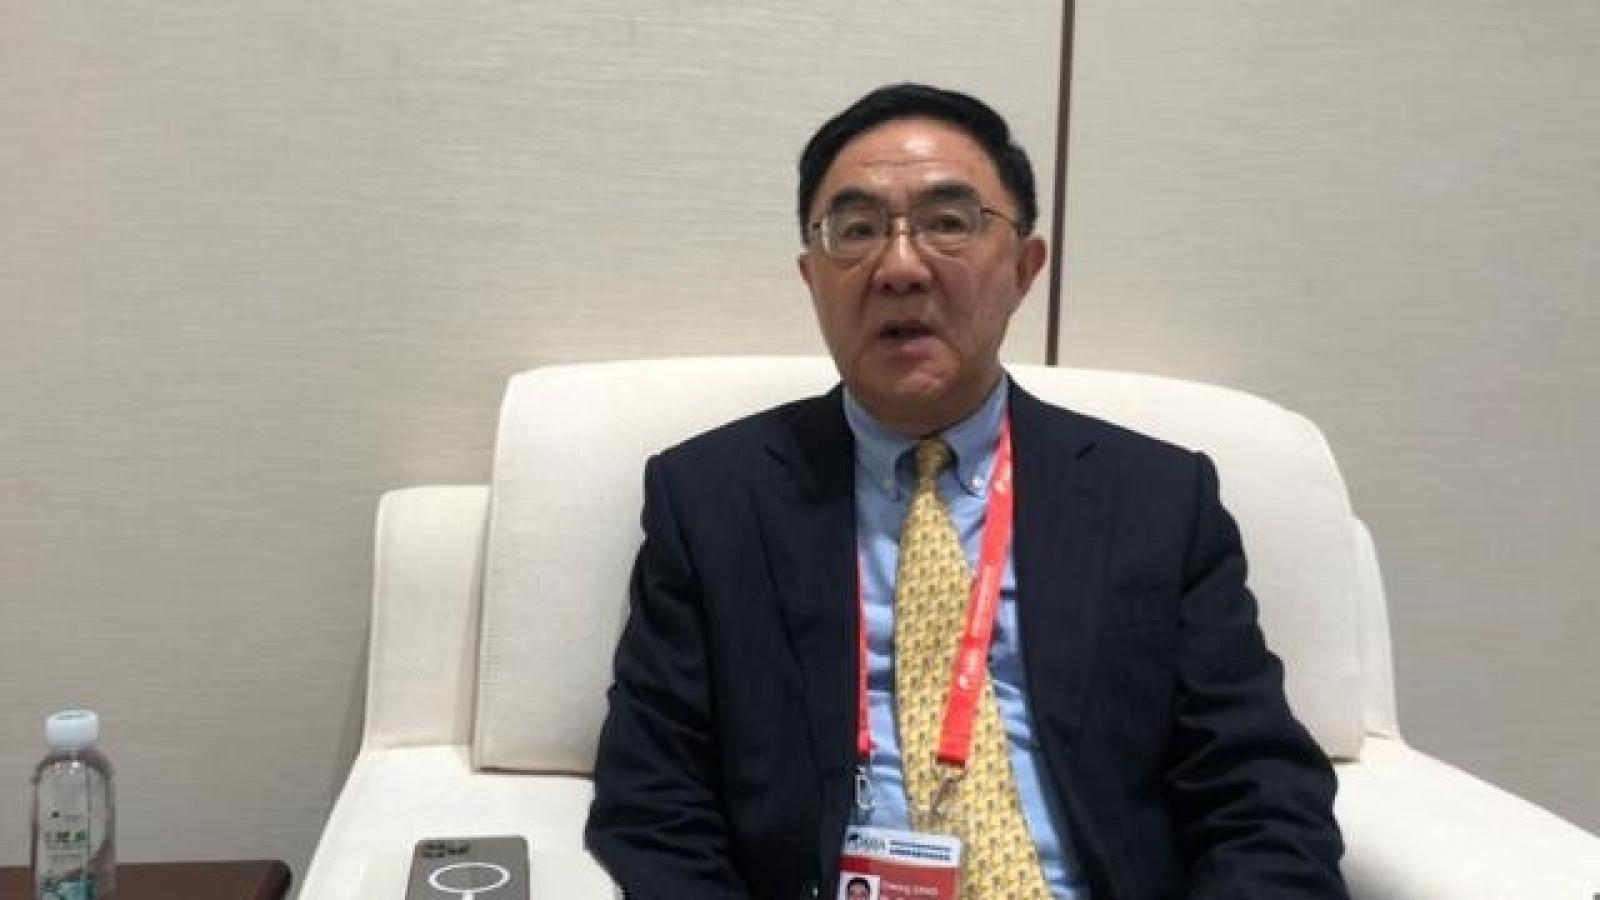 Chuyên gia khẳng định Trung Quốc đã xây dựng được hàng rào miễn dịch Covid-19